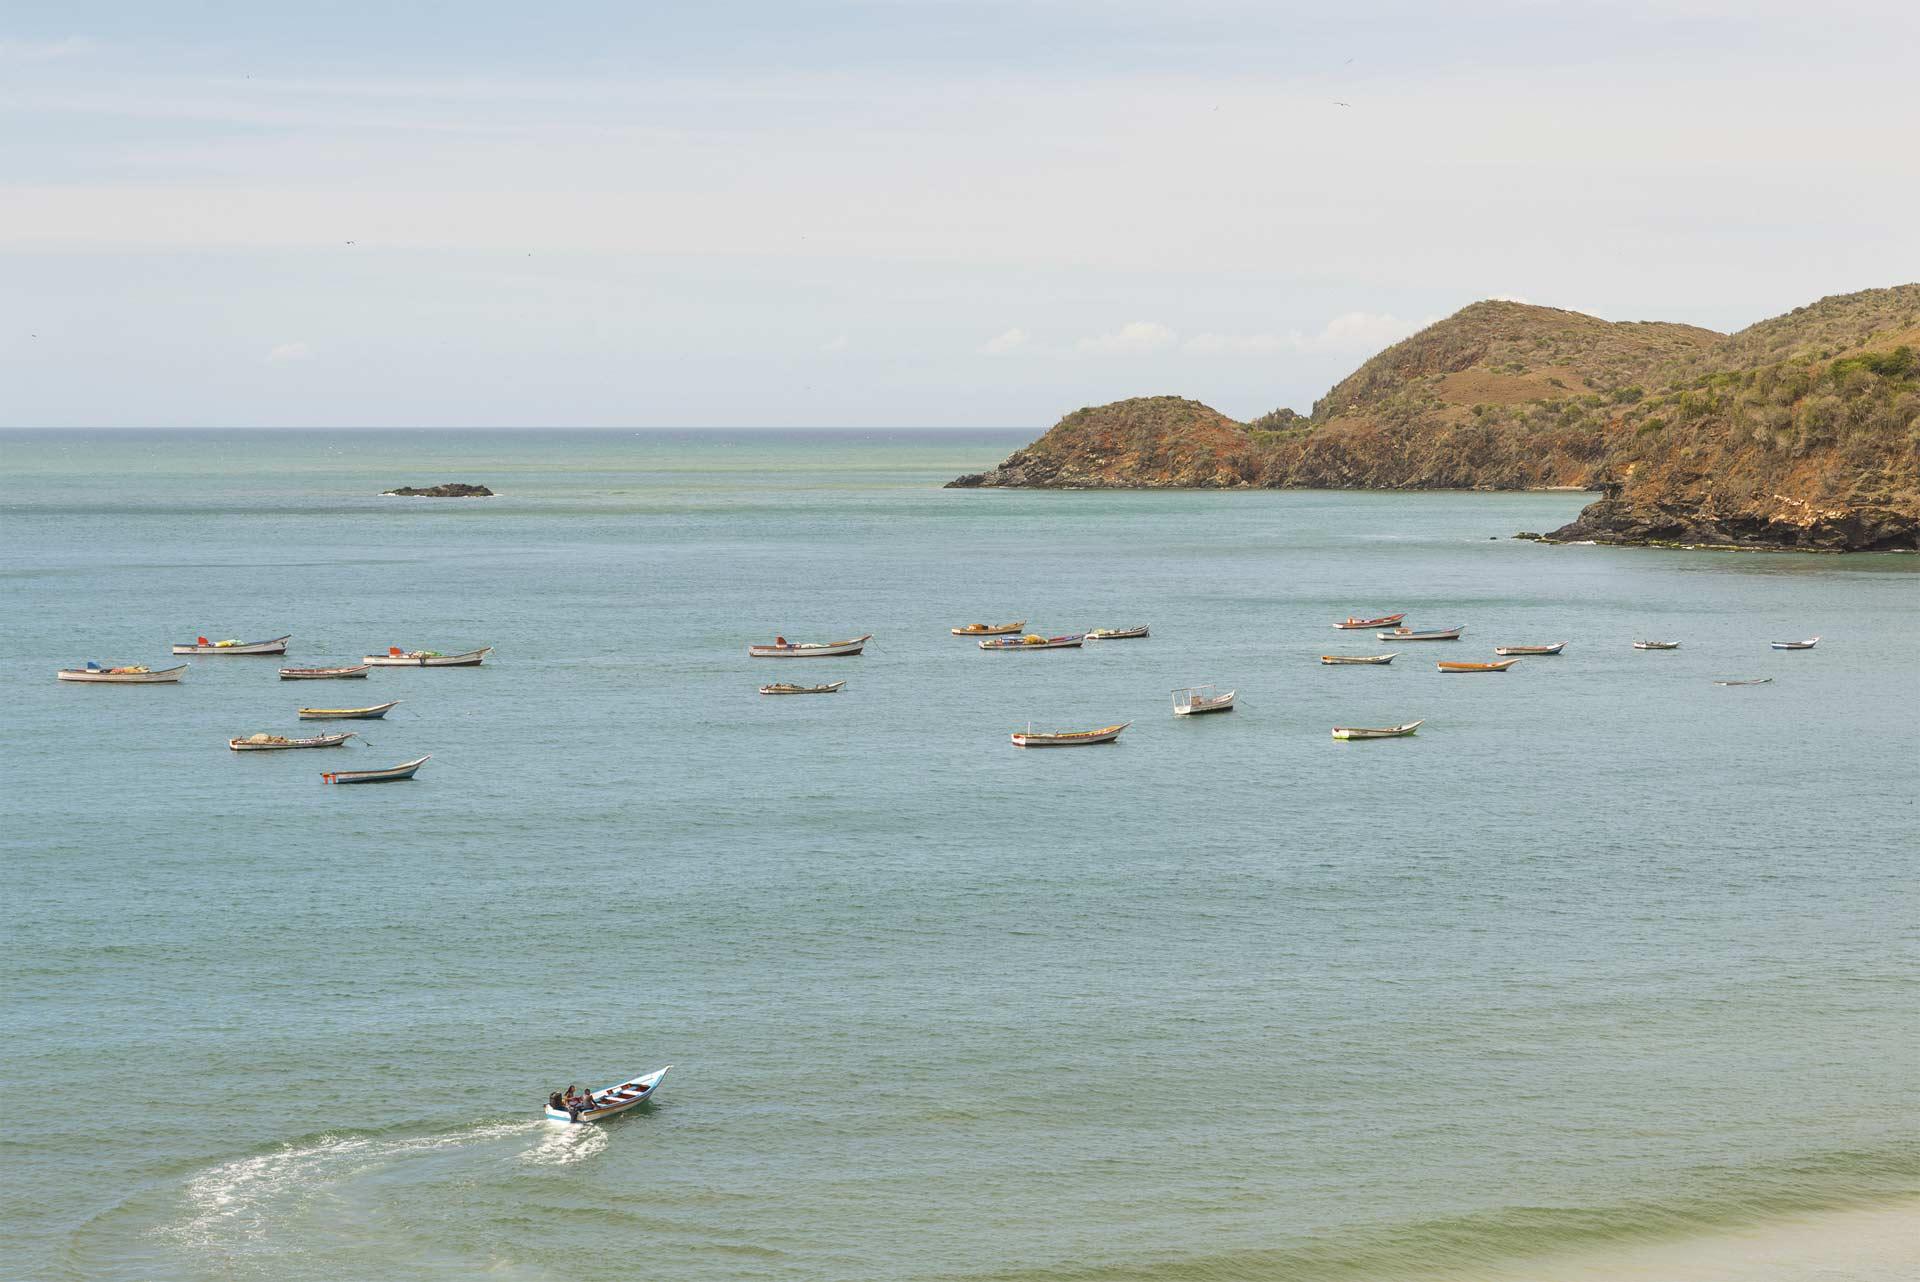 El proyecto contempla la construcción de 2,7 kilómetros de un bulevar, una ciclovía y servicios en playa El Agua